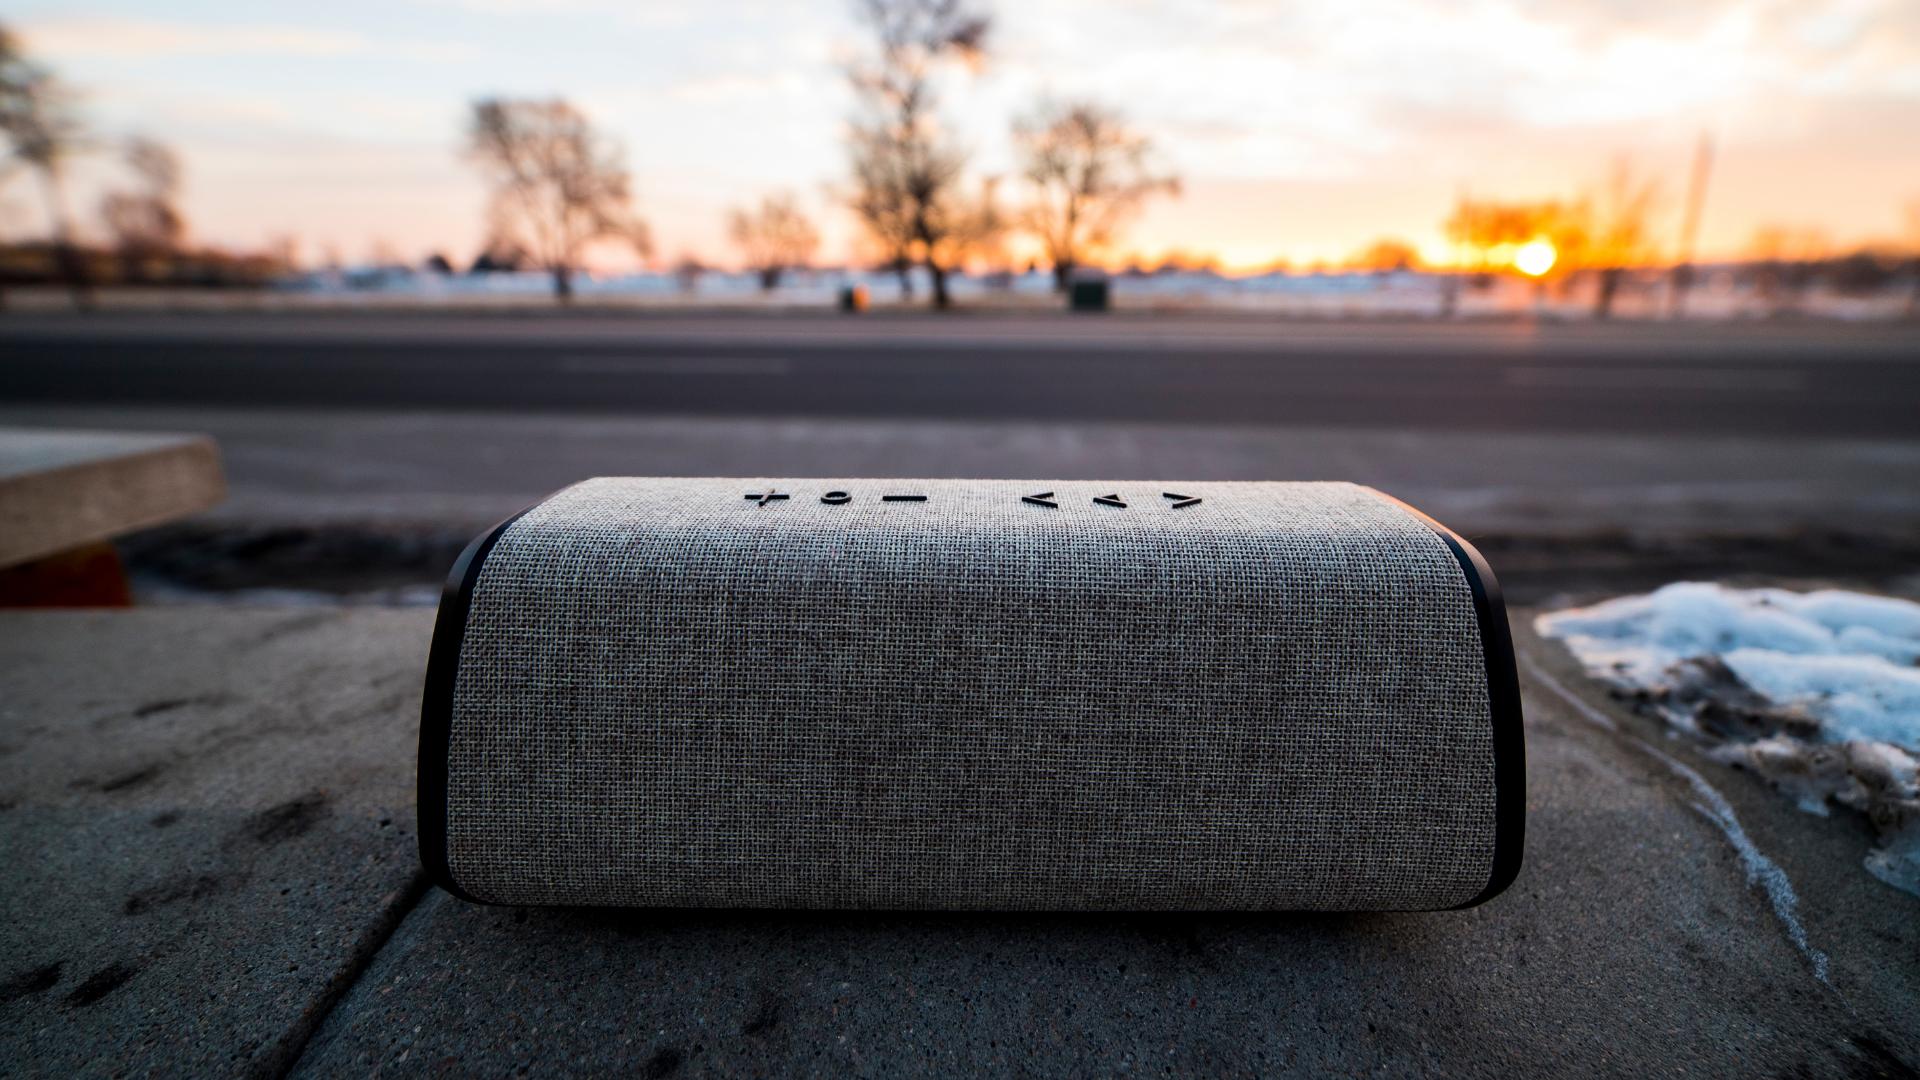 Bluetooth Speakers vs. Laptop Speakers